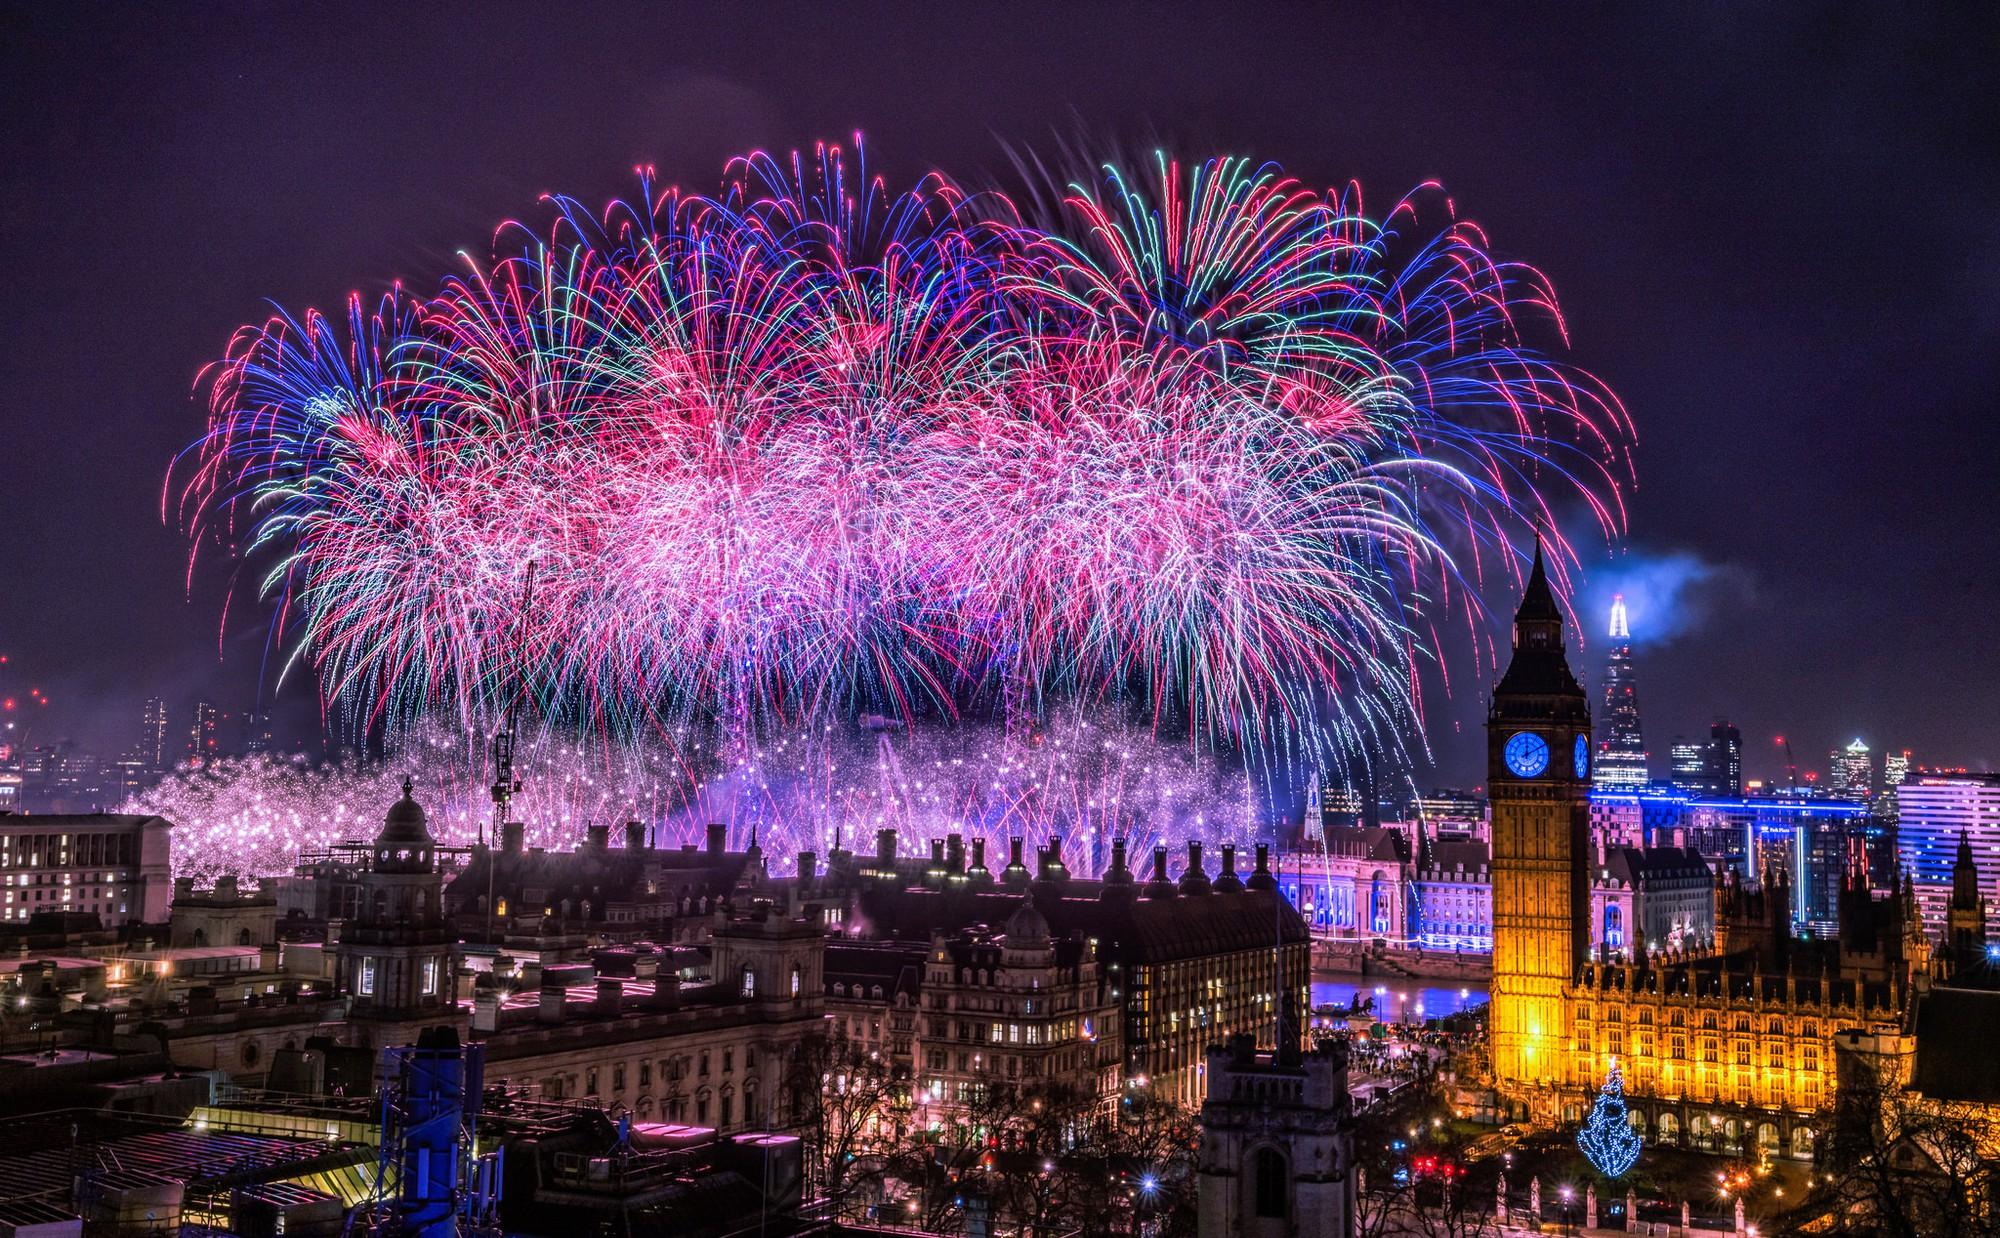 Những phong tục đón năm mới kỳ lạ của các nước mà bạn sẽ muốn thử ít nhất một lần trong đời - Ảnh 4.